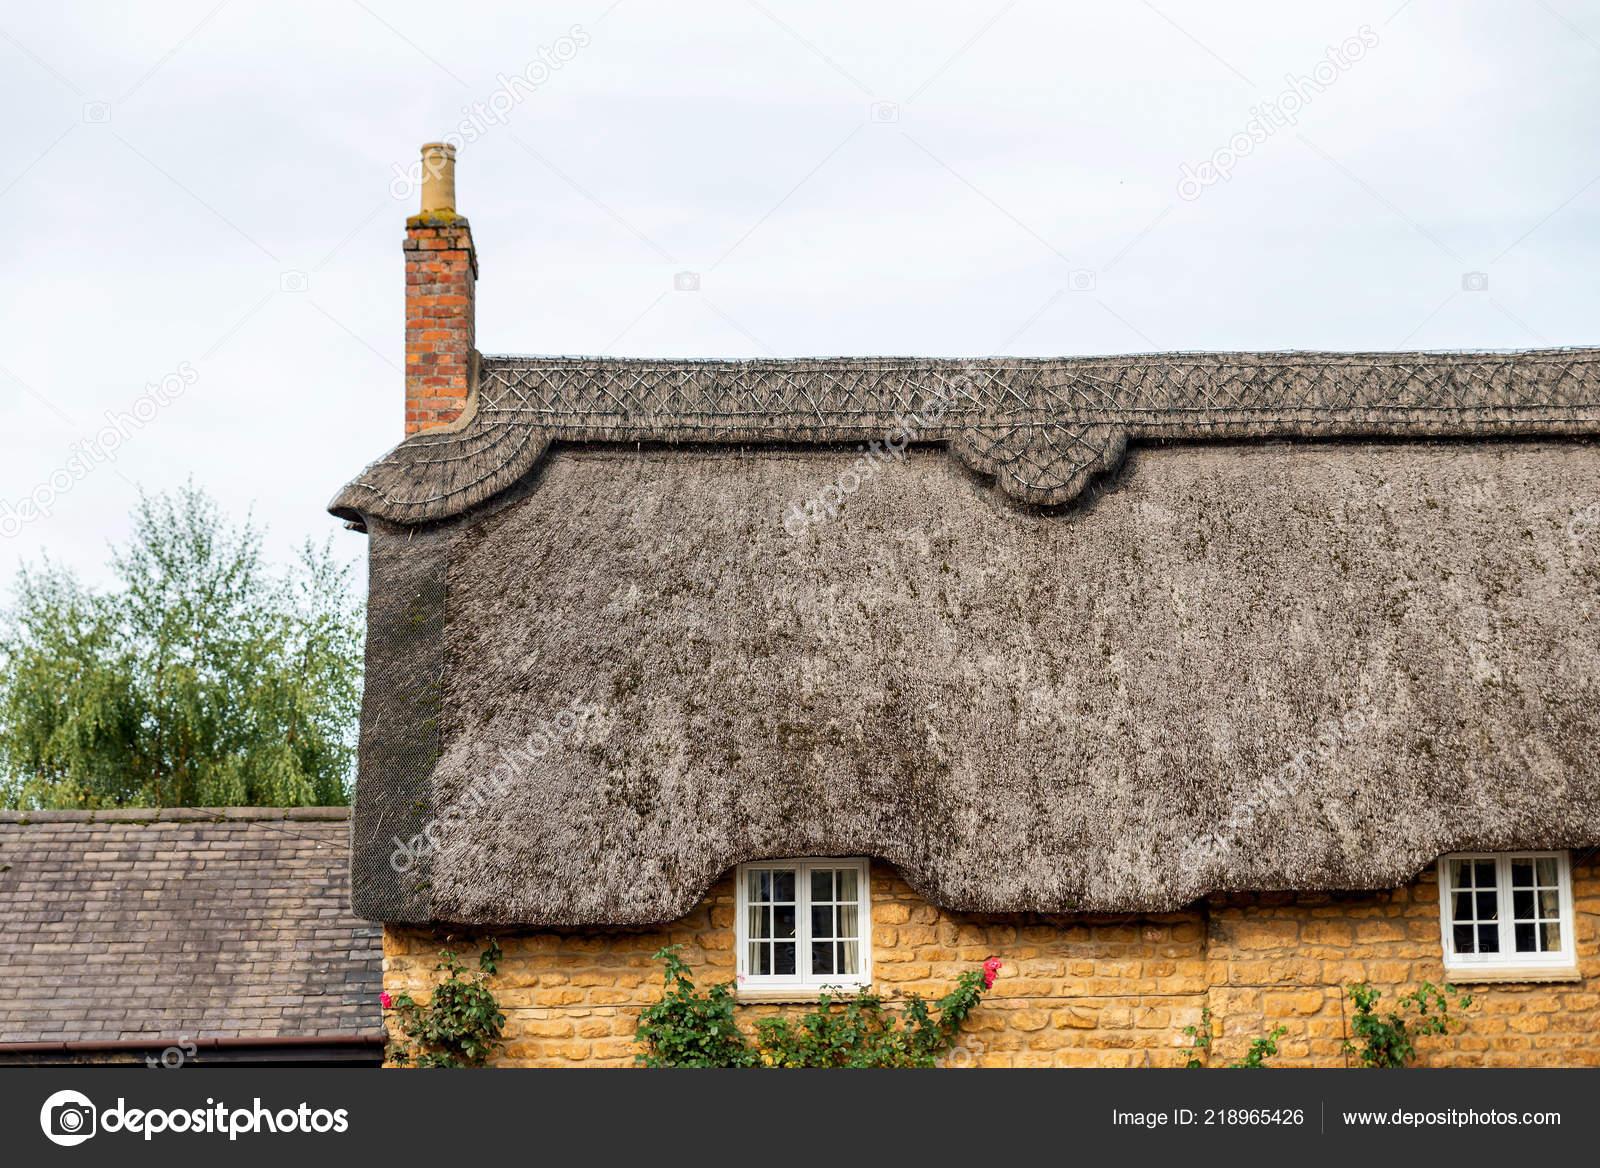 Traditionellen Englischen Cottage Dach In Barton Seagrave